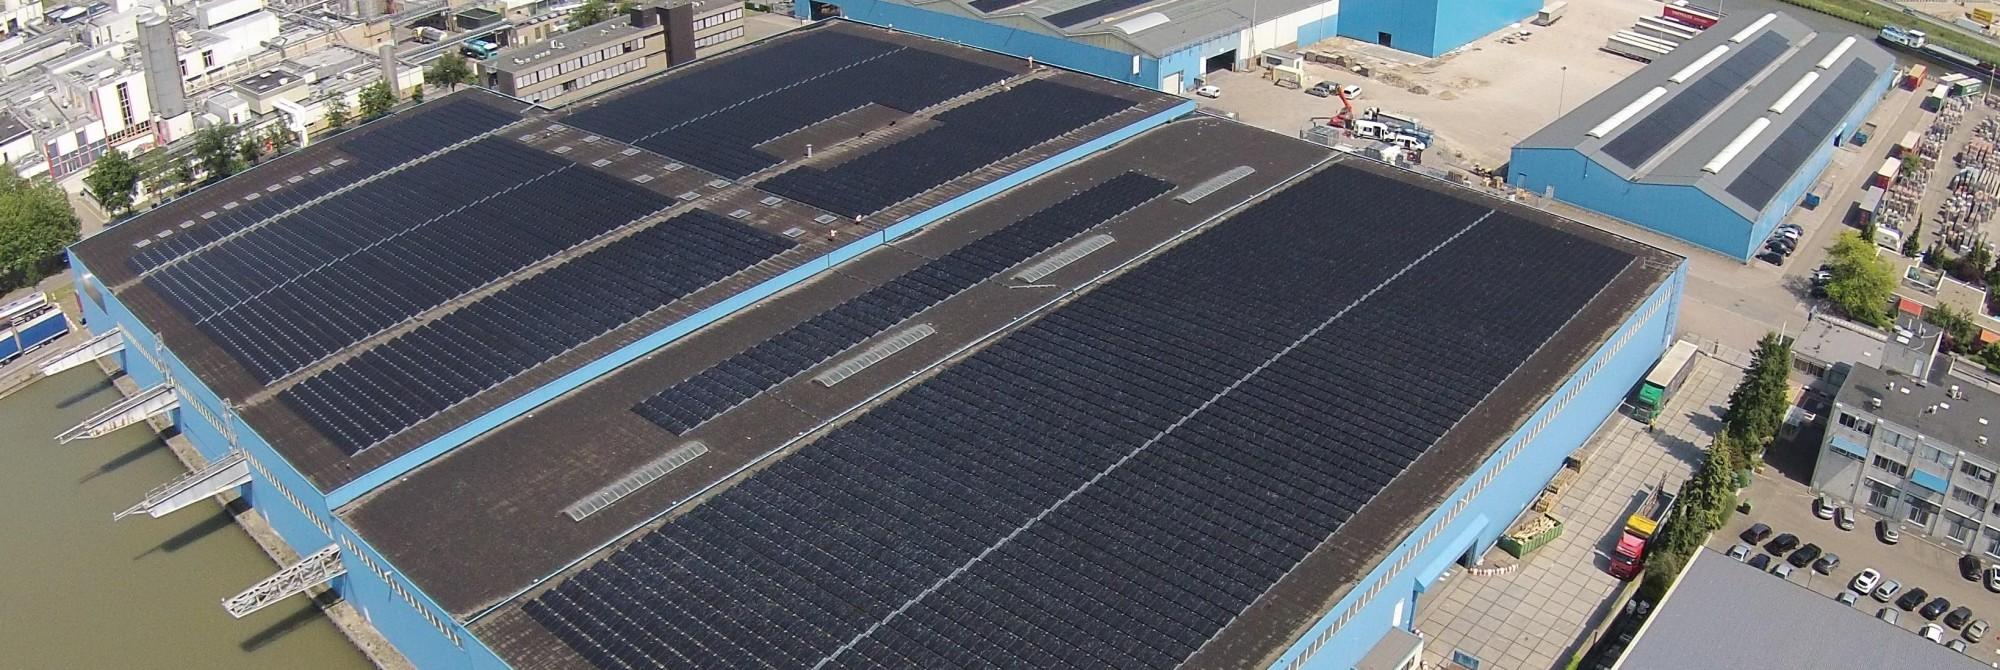 Bijdrage aan een beter milieu door 13.000 zonnepanelen